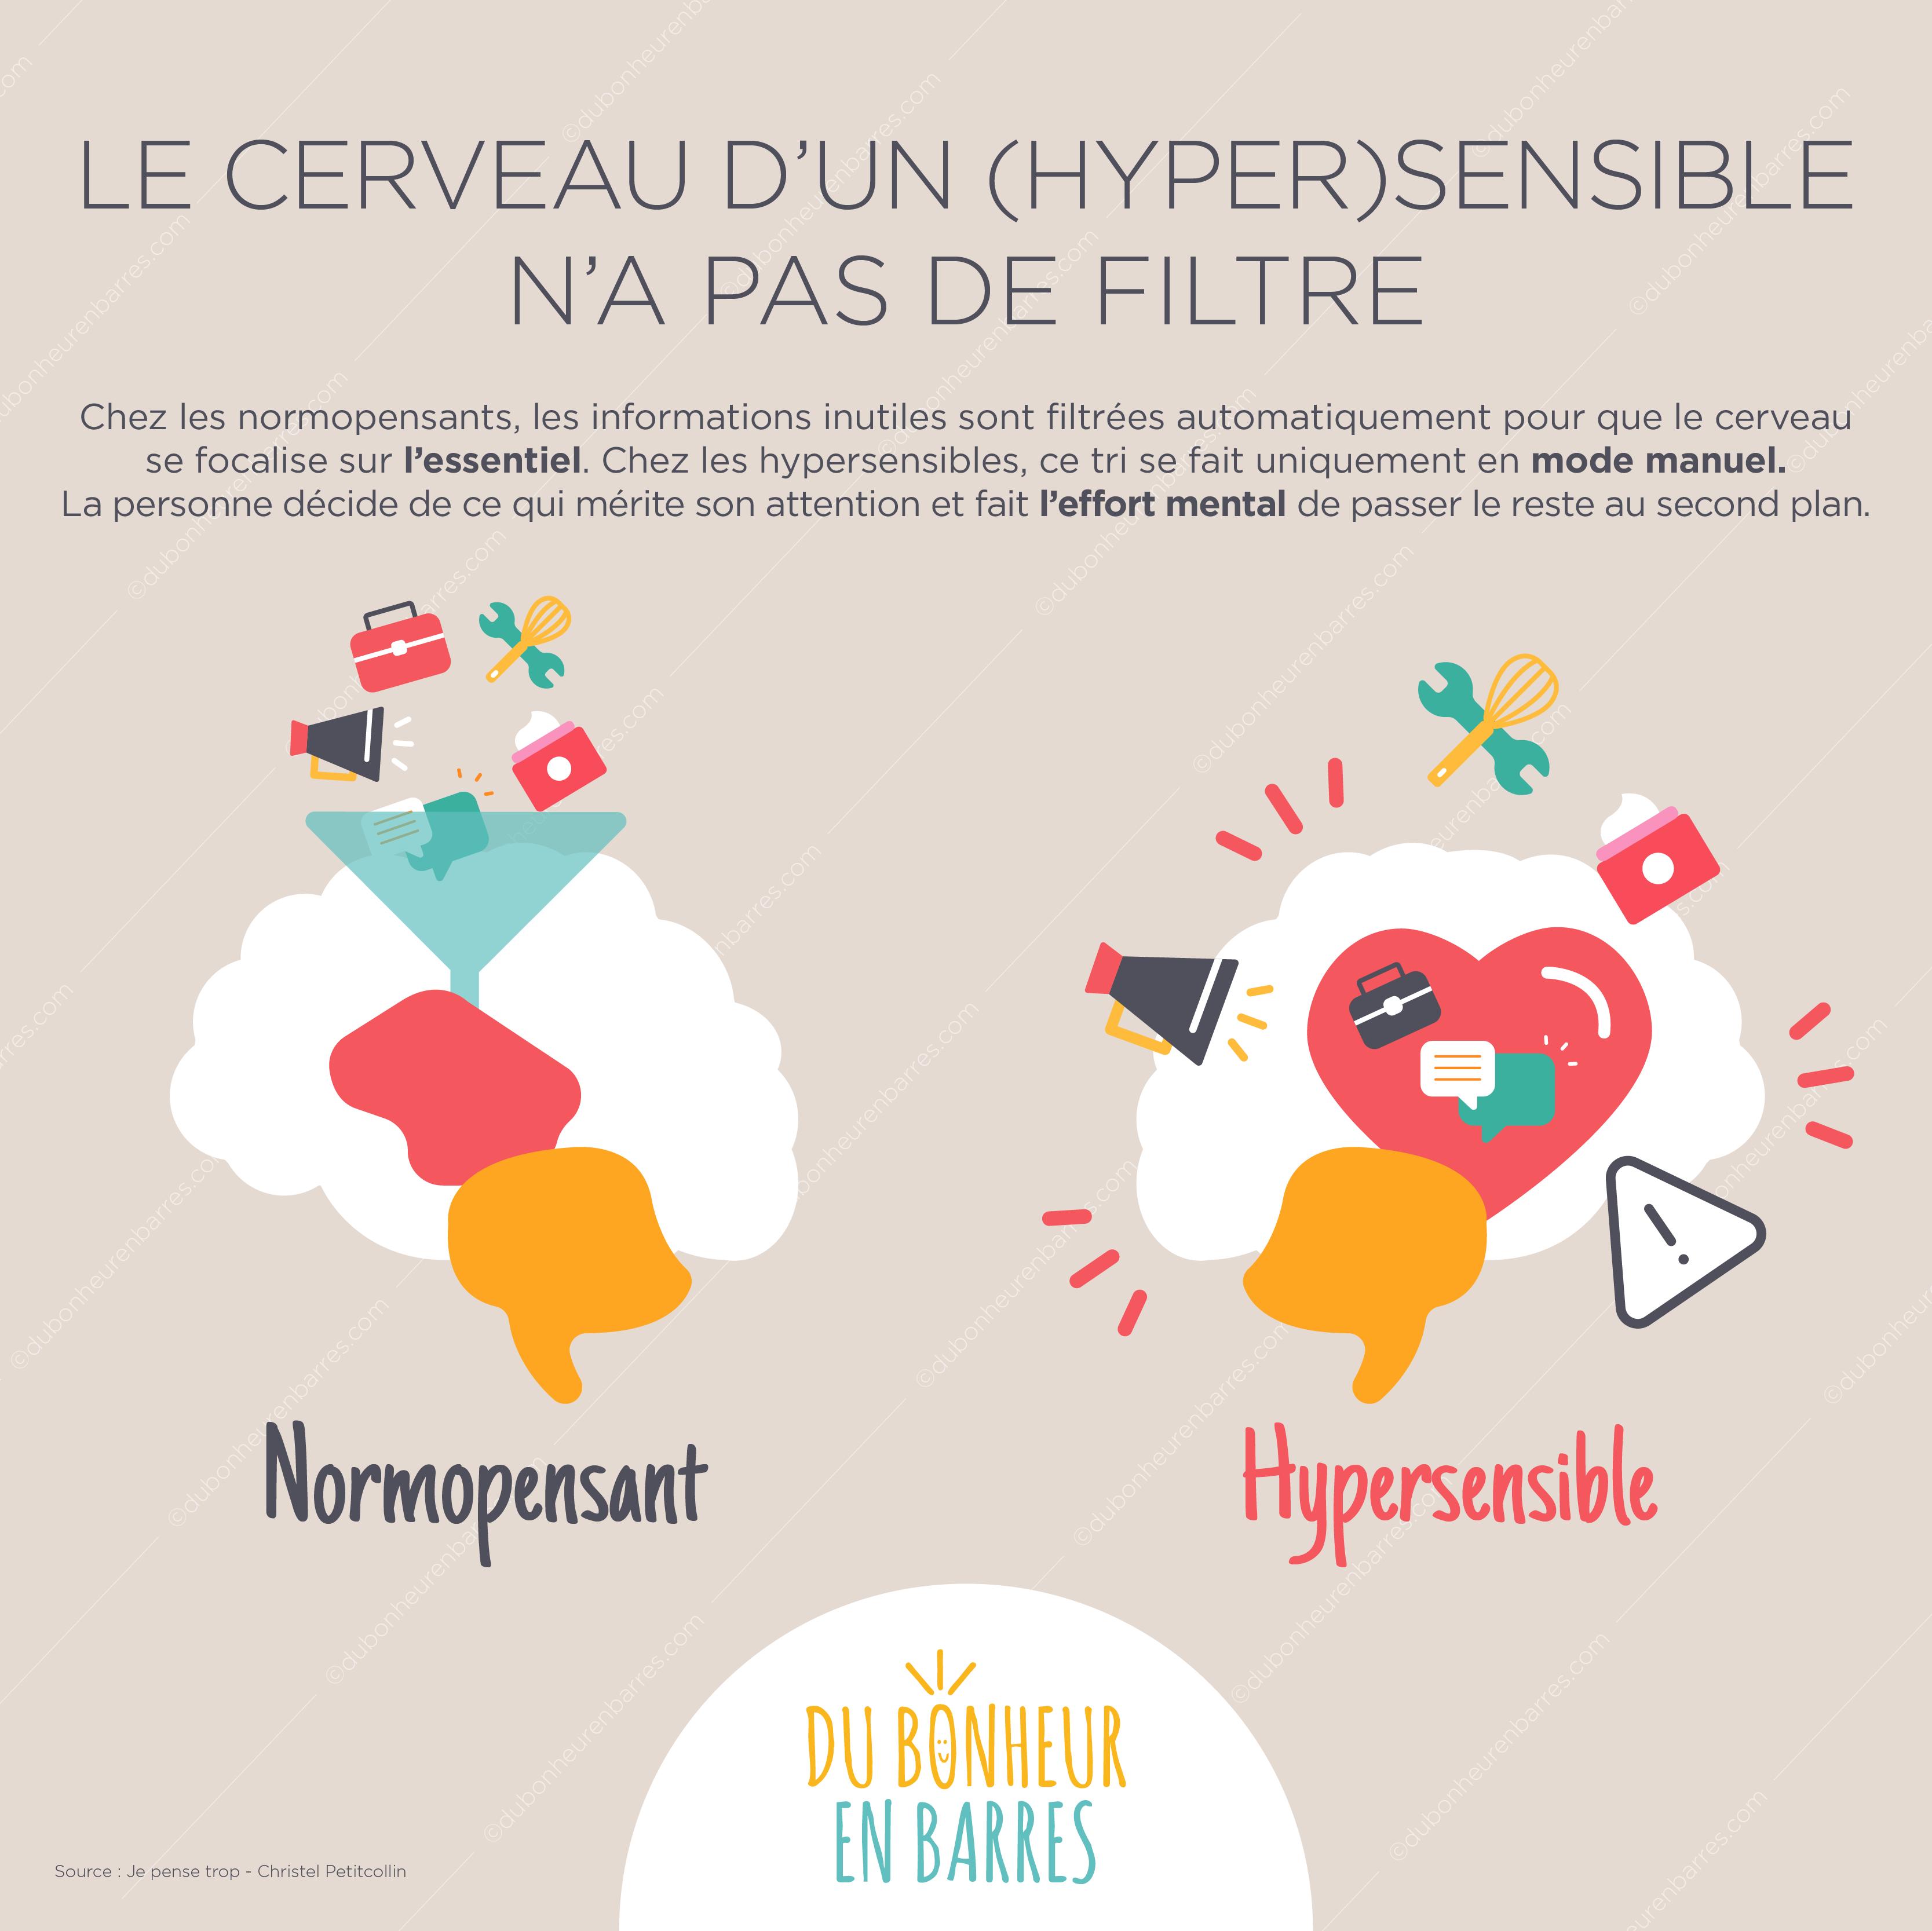 Le cerveau d'un hypersensible n'a pas de filtre